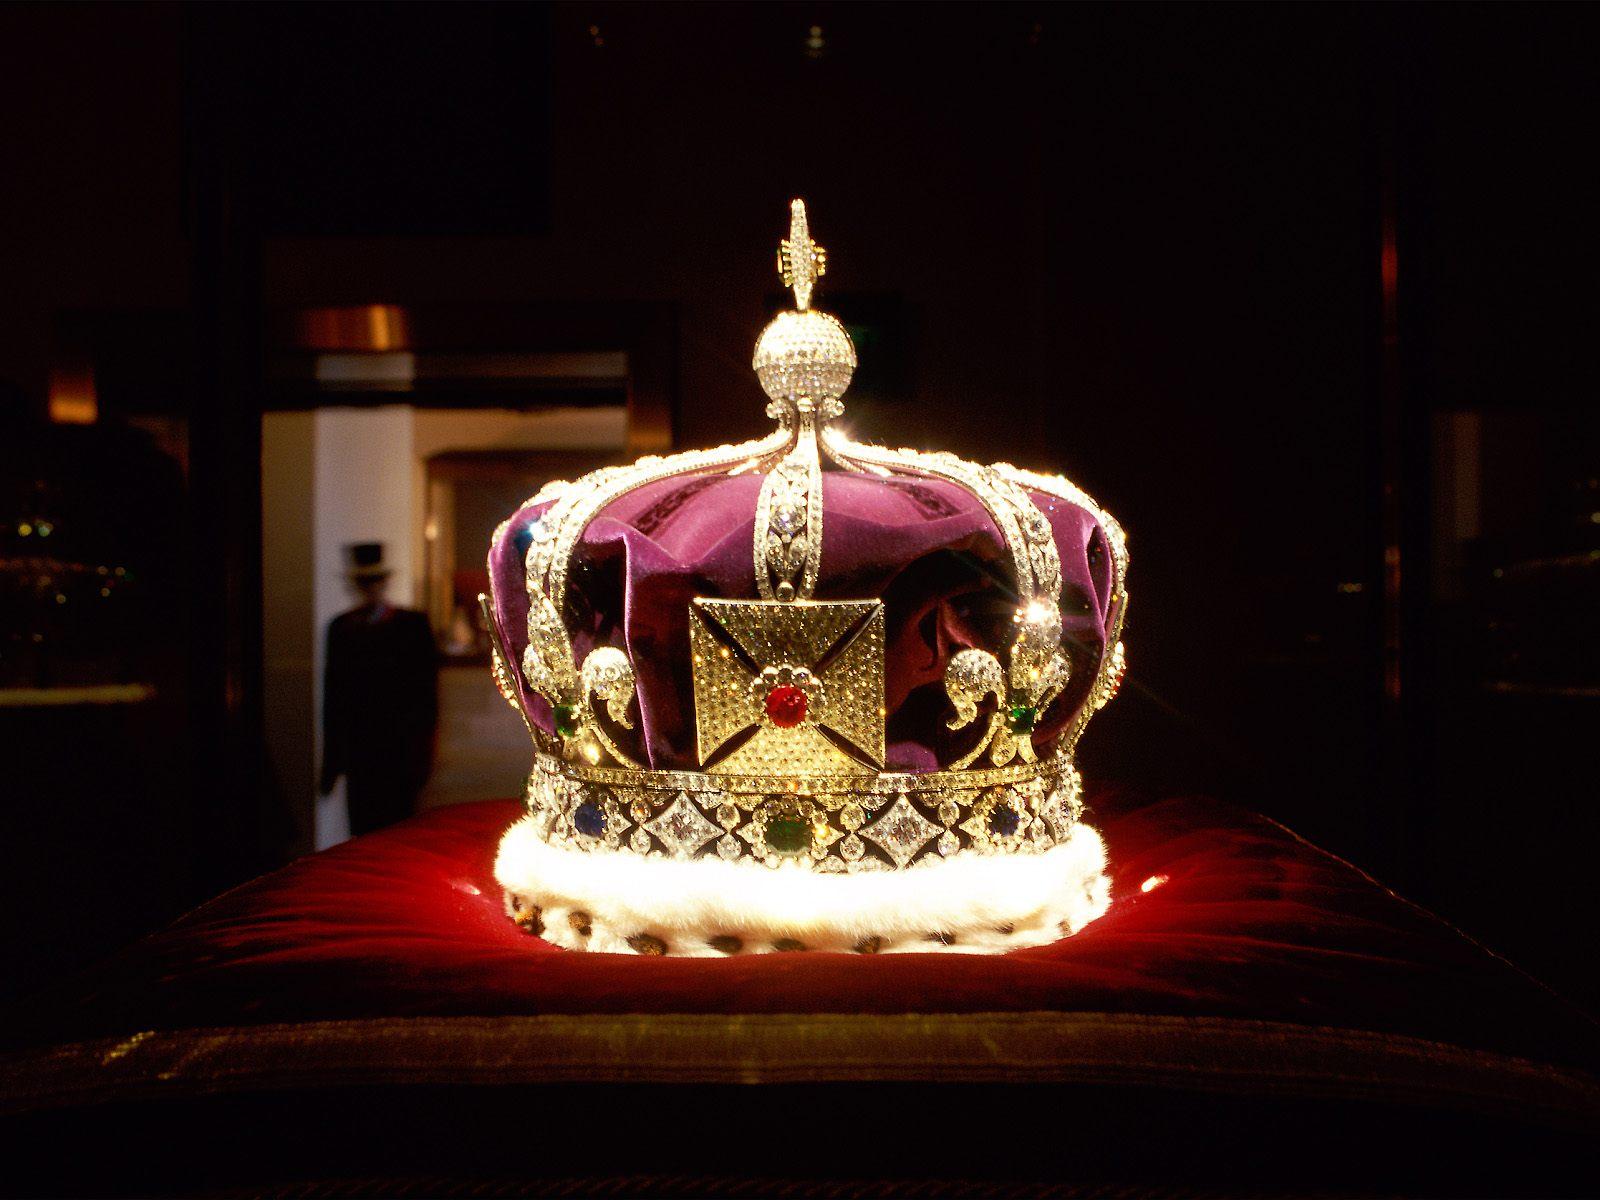 כתר המלכה